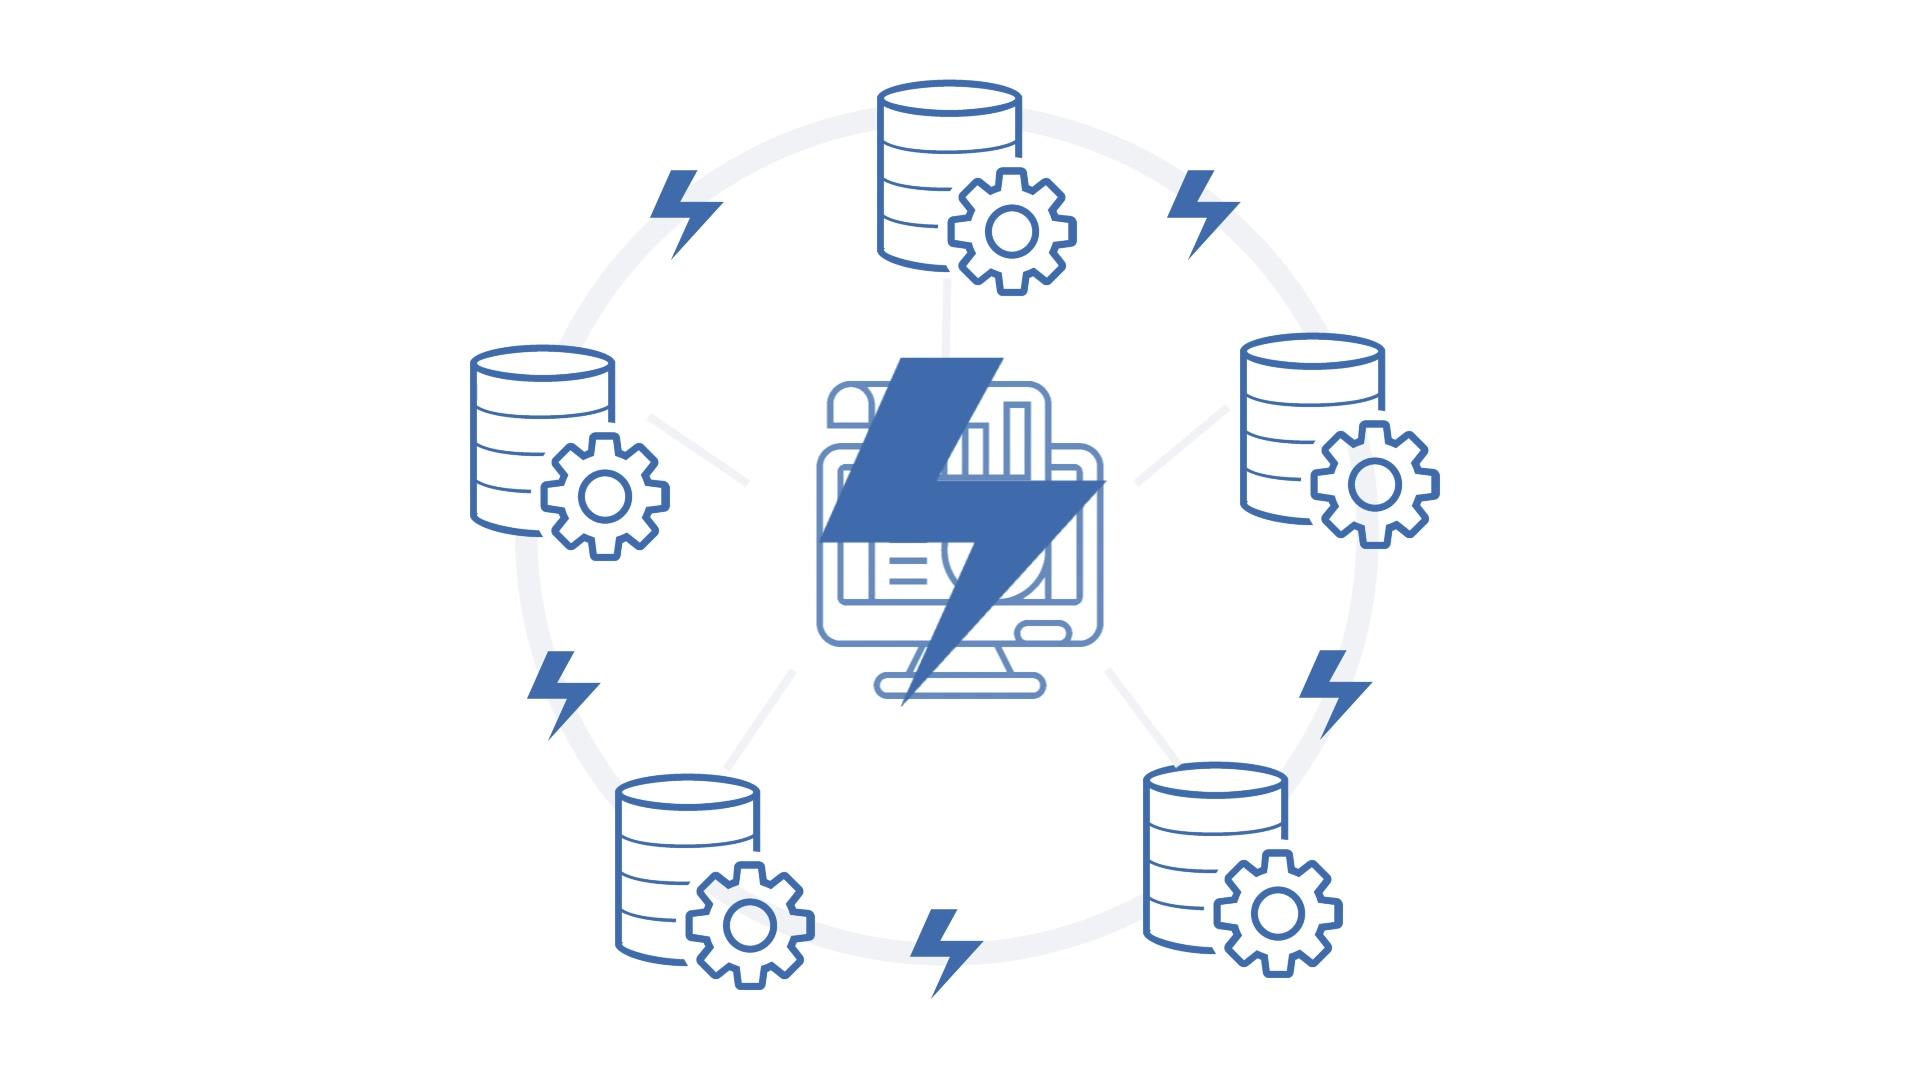 Visma Databas animatie - systemen integreren met de Databas aanpak - voorbeeld is not for profit